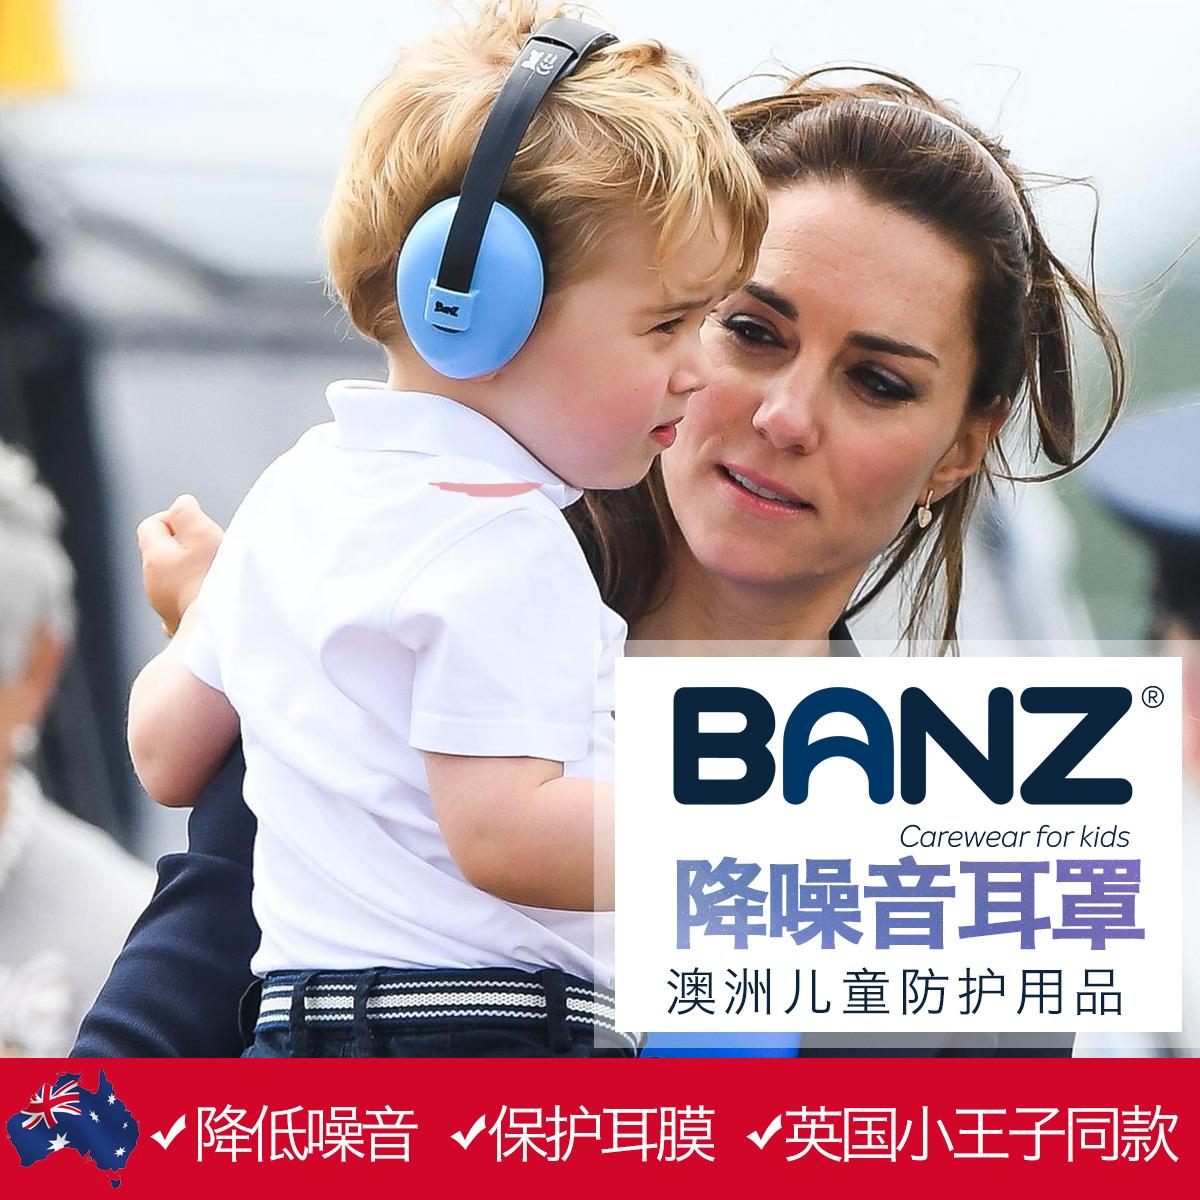 澳洲babyBANZ儿童飞机出行防护婴幼儿宝宝睡觉防吵专业降噪音耳罩